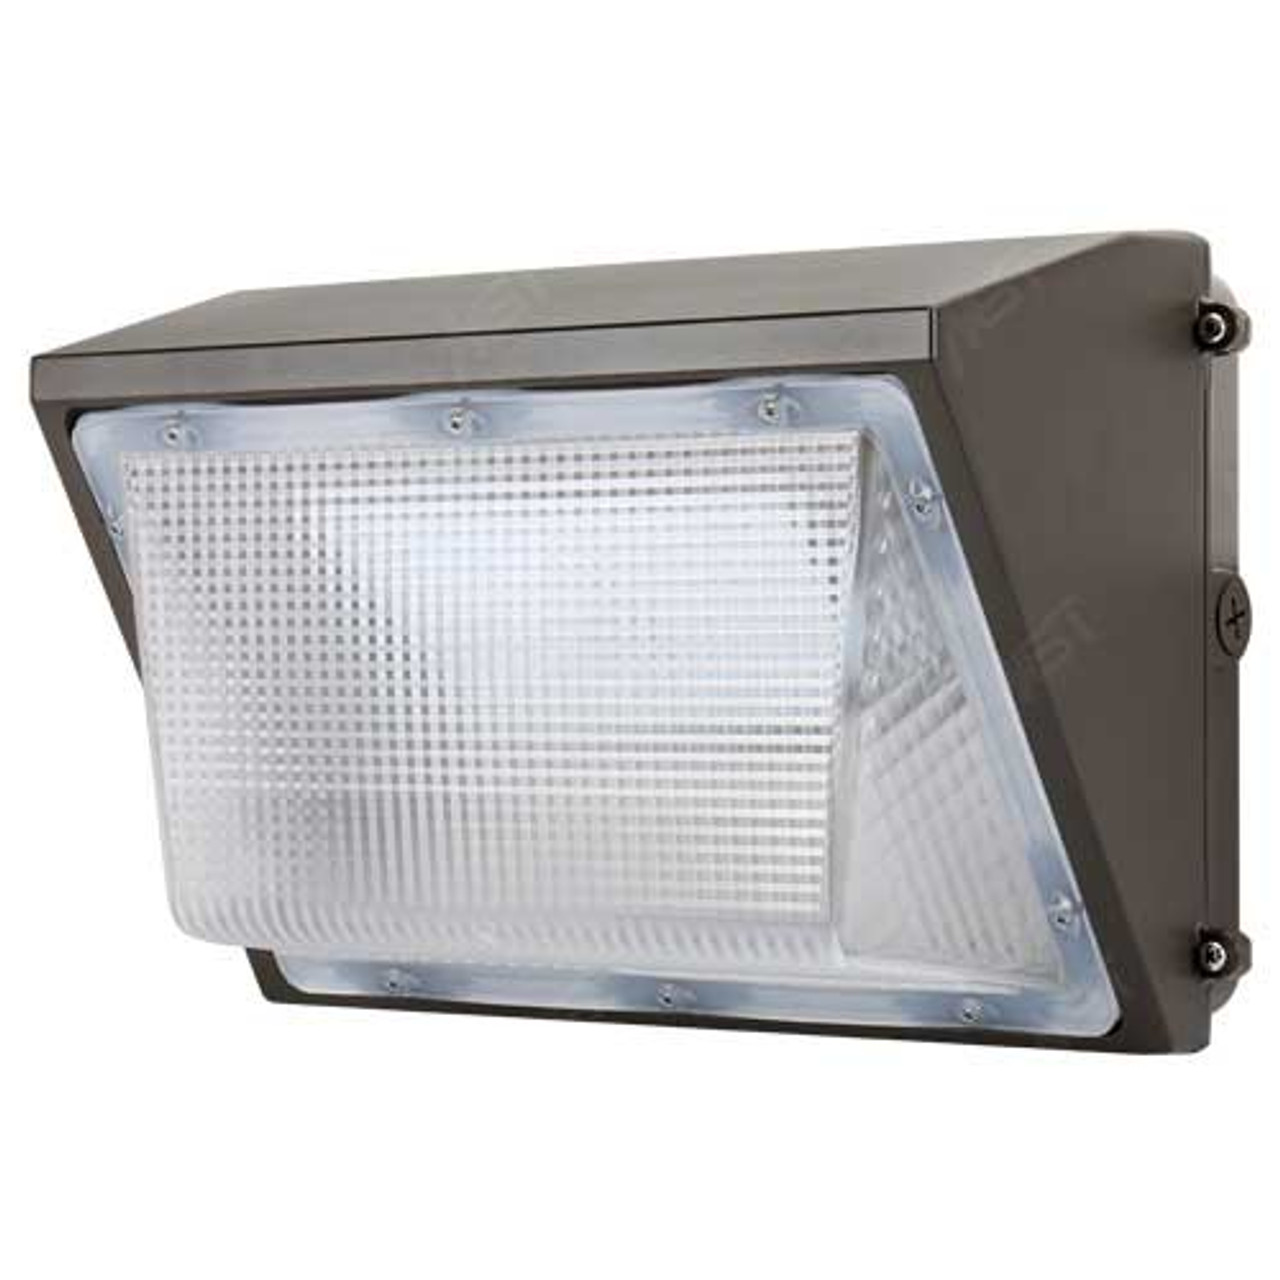 125 Watt LED Wallpack